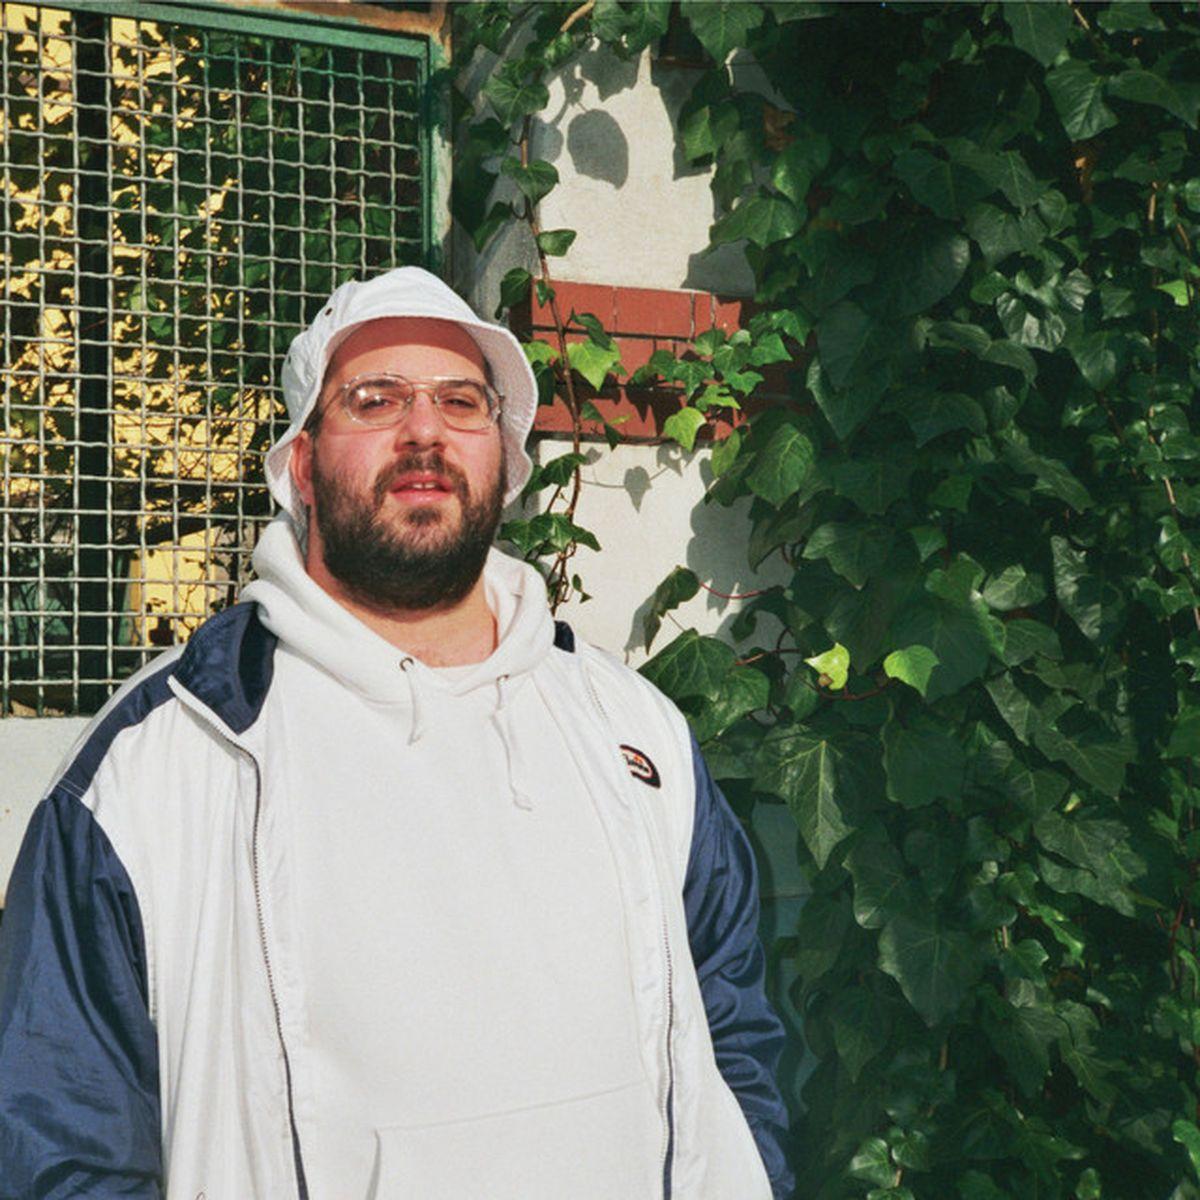 √ Recensioni | Dischi | Marco Giudici - STUPIDE COSE DI ENORME IMPORTANZA su Rockol